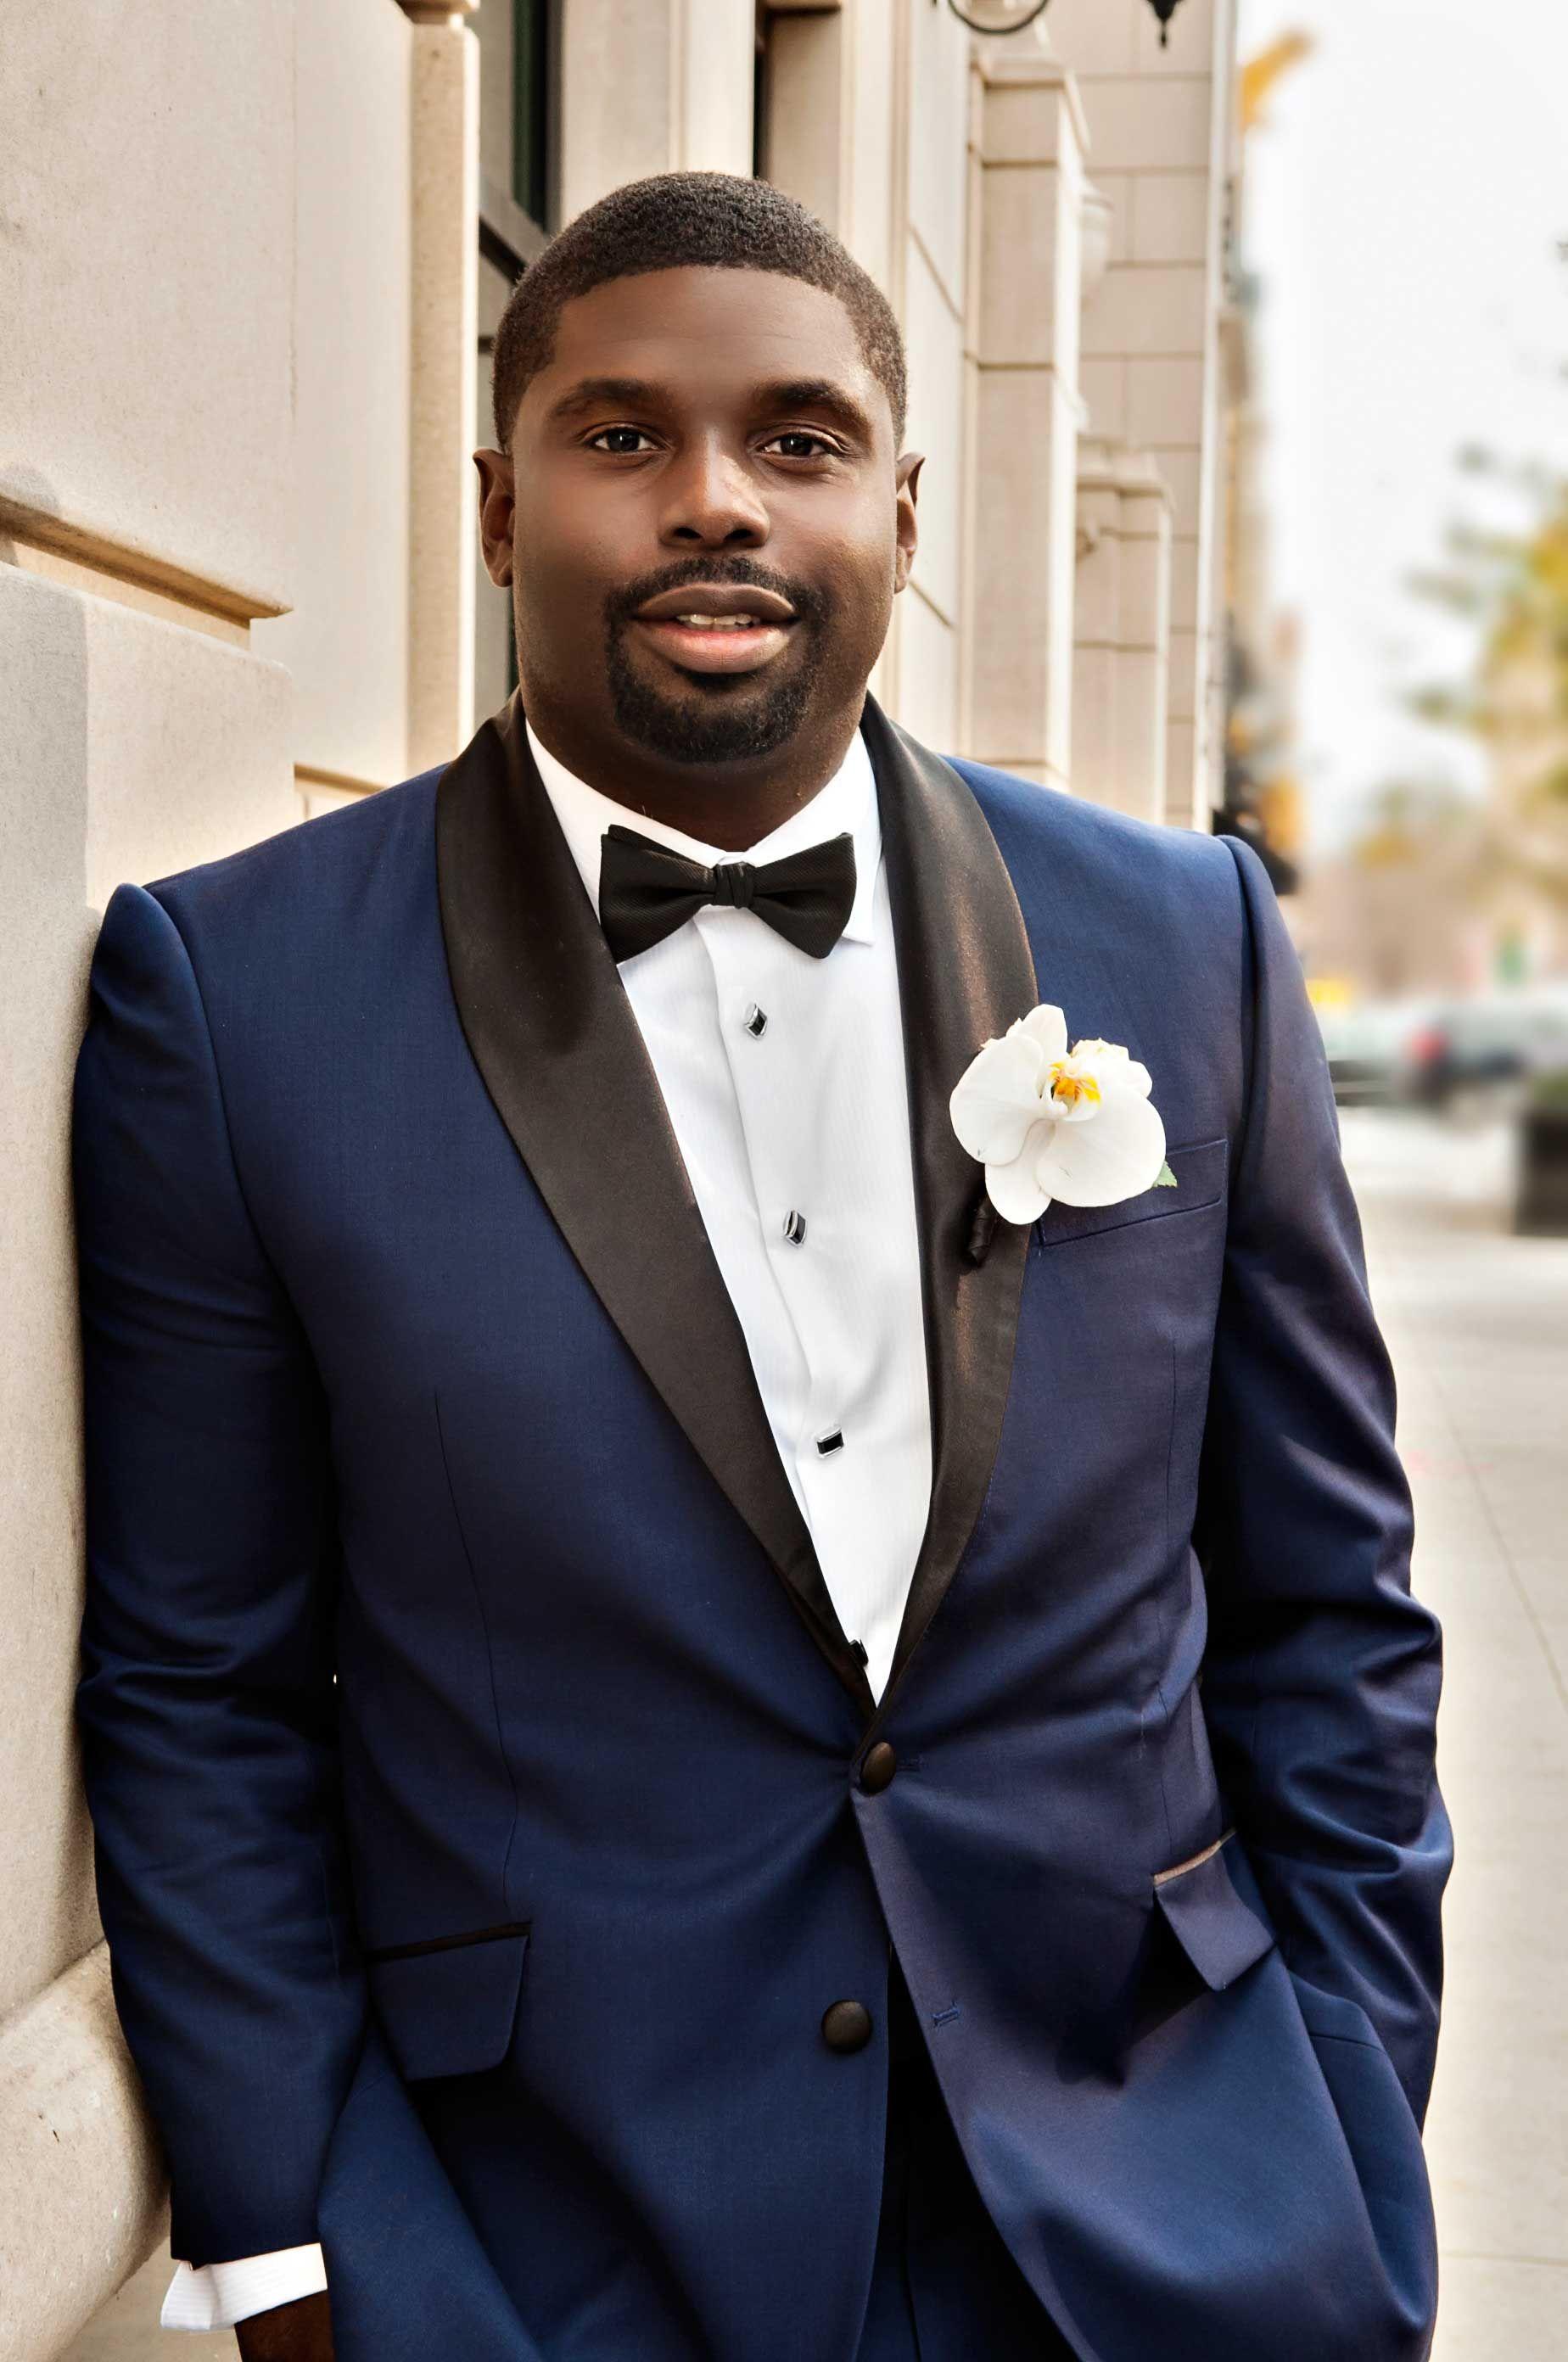 Floral Event Design Kris Bryant Wedding Suit Inspiration Navy Tux